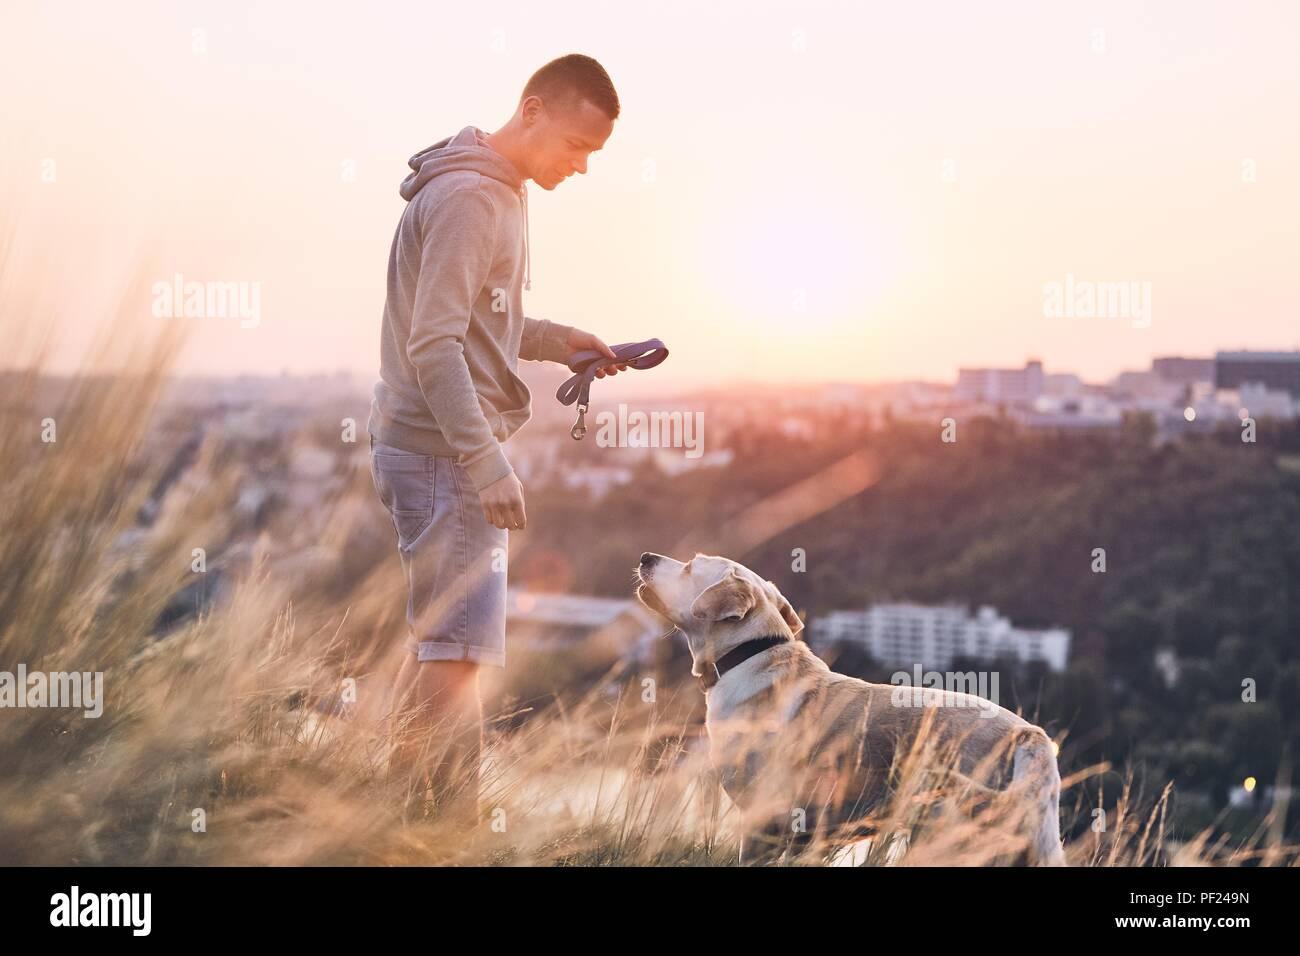 Passeggiata mattutina con il cane. Il giovane e la sua labrador retriever sul prato contro la città di sunrise. Foto Stock